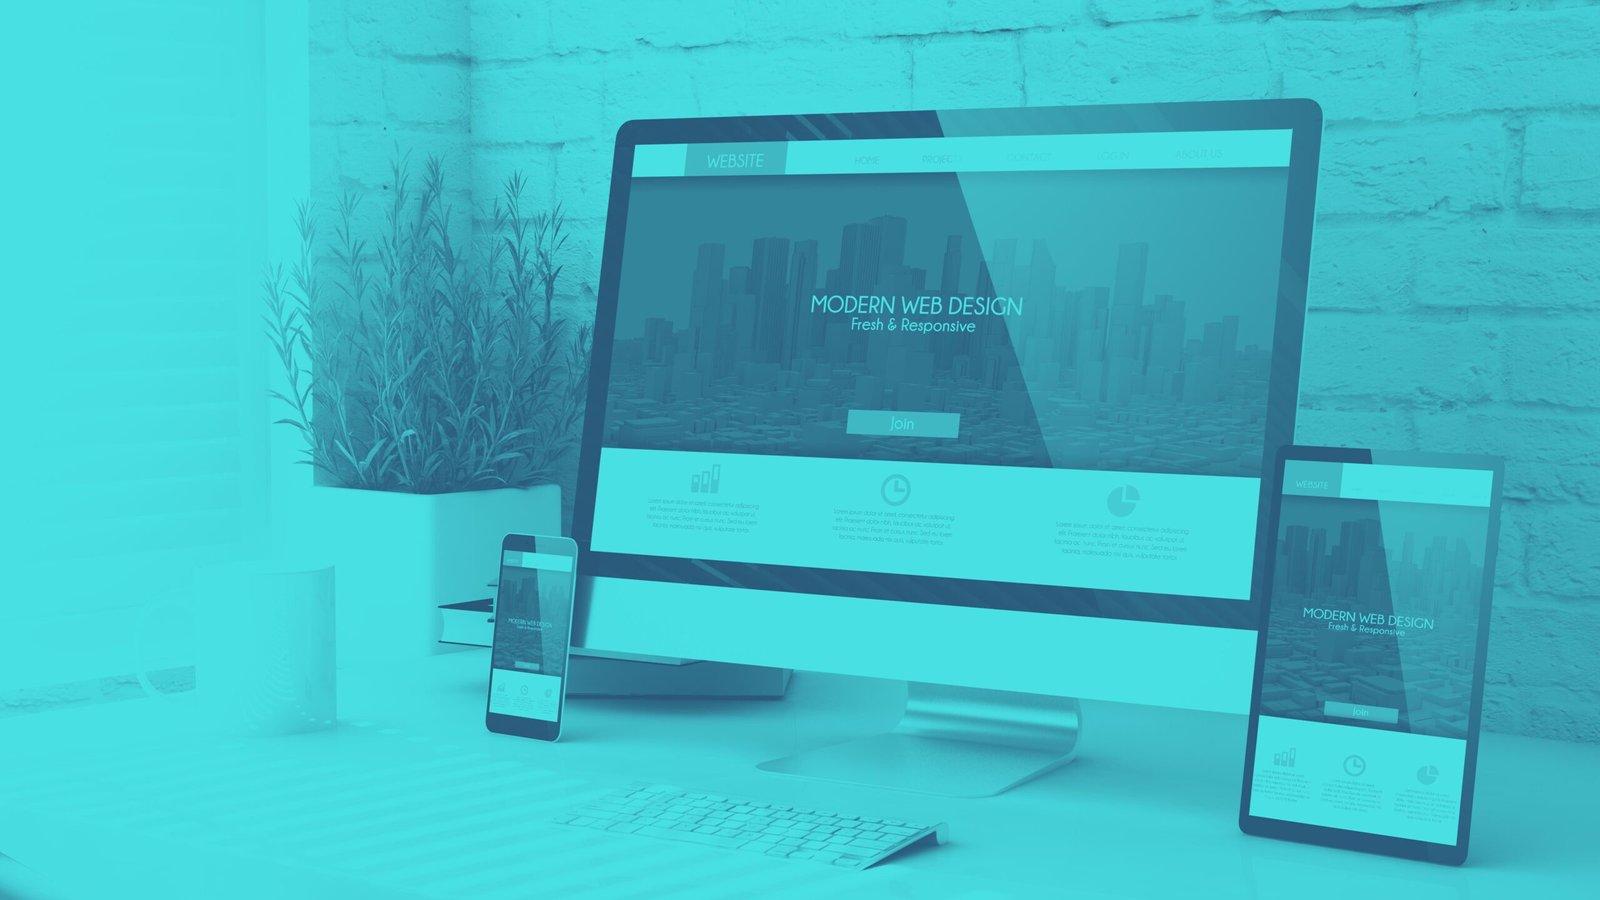 Fatos que comprovam que a sua empresa precisa de um site novo